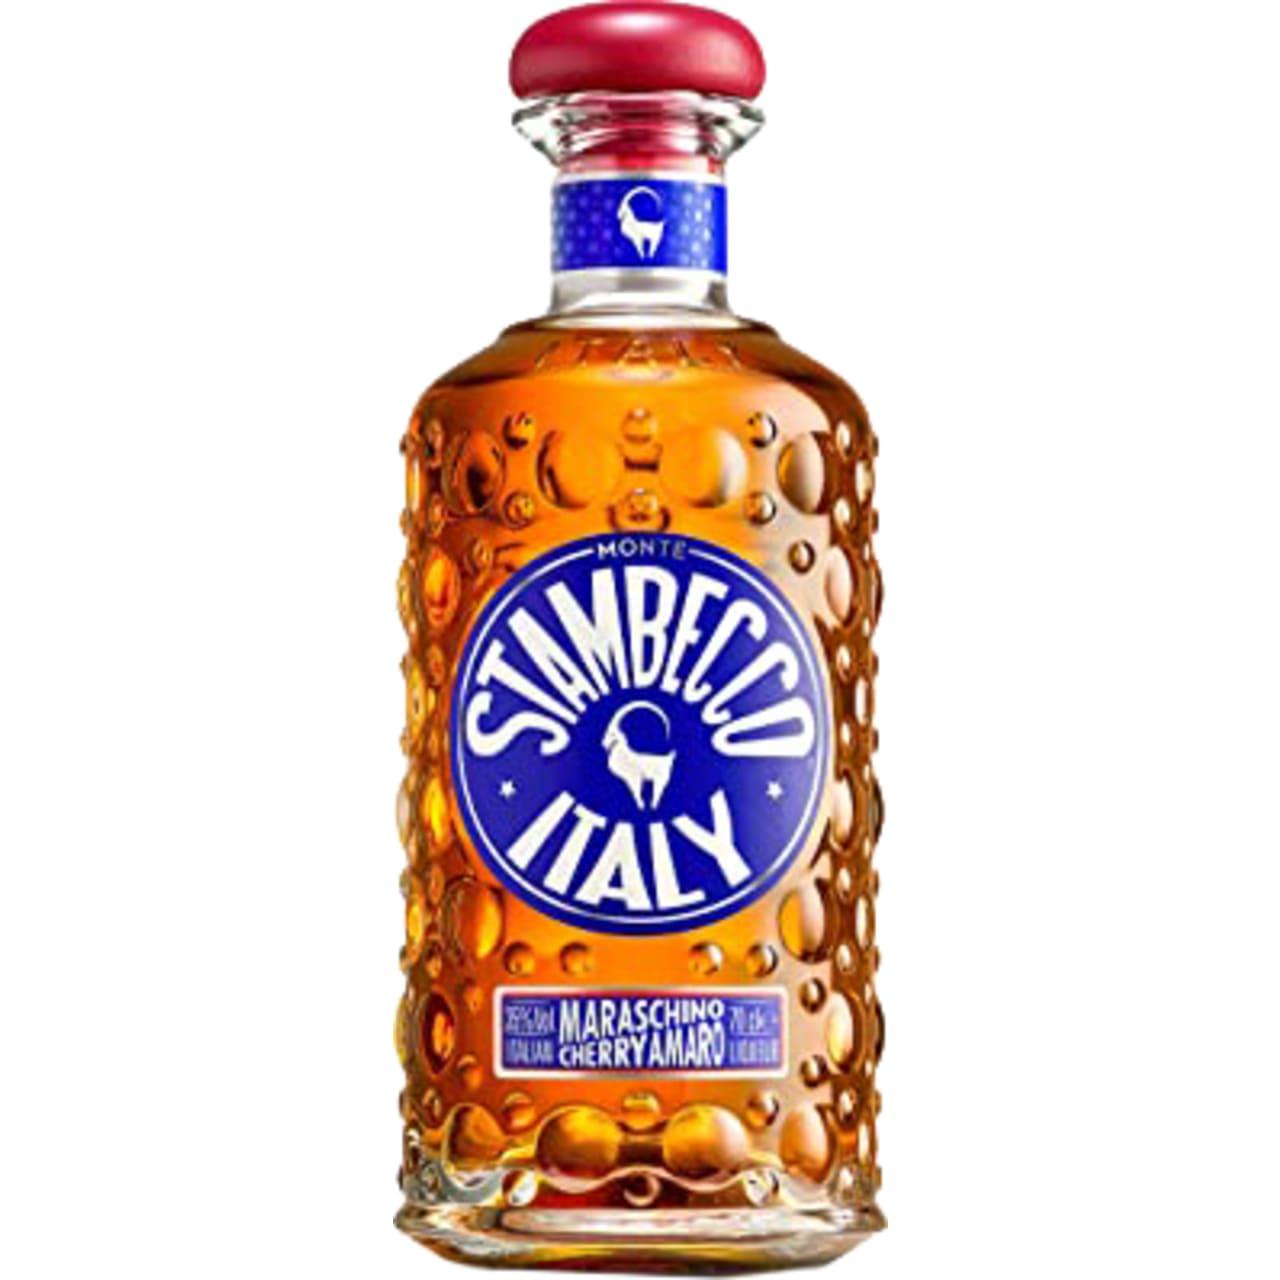 Product Image - Stambecco Maraschino Cherry Amaro